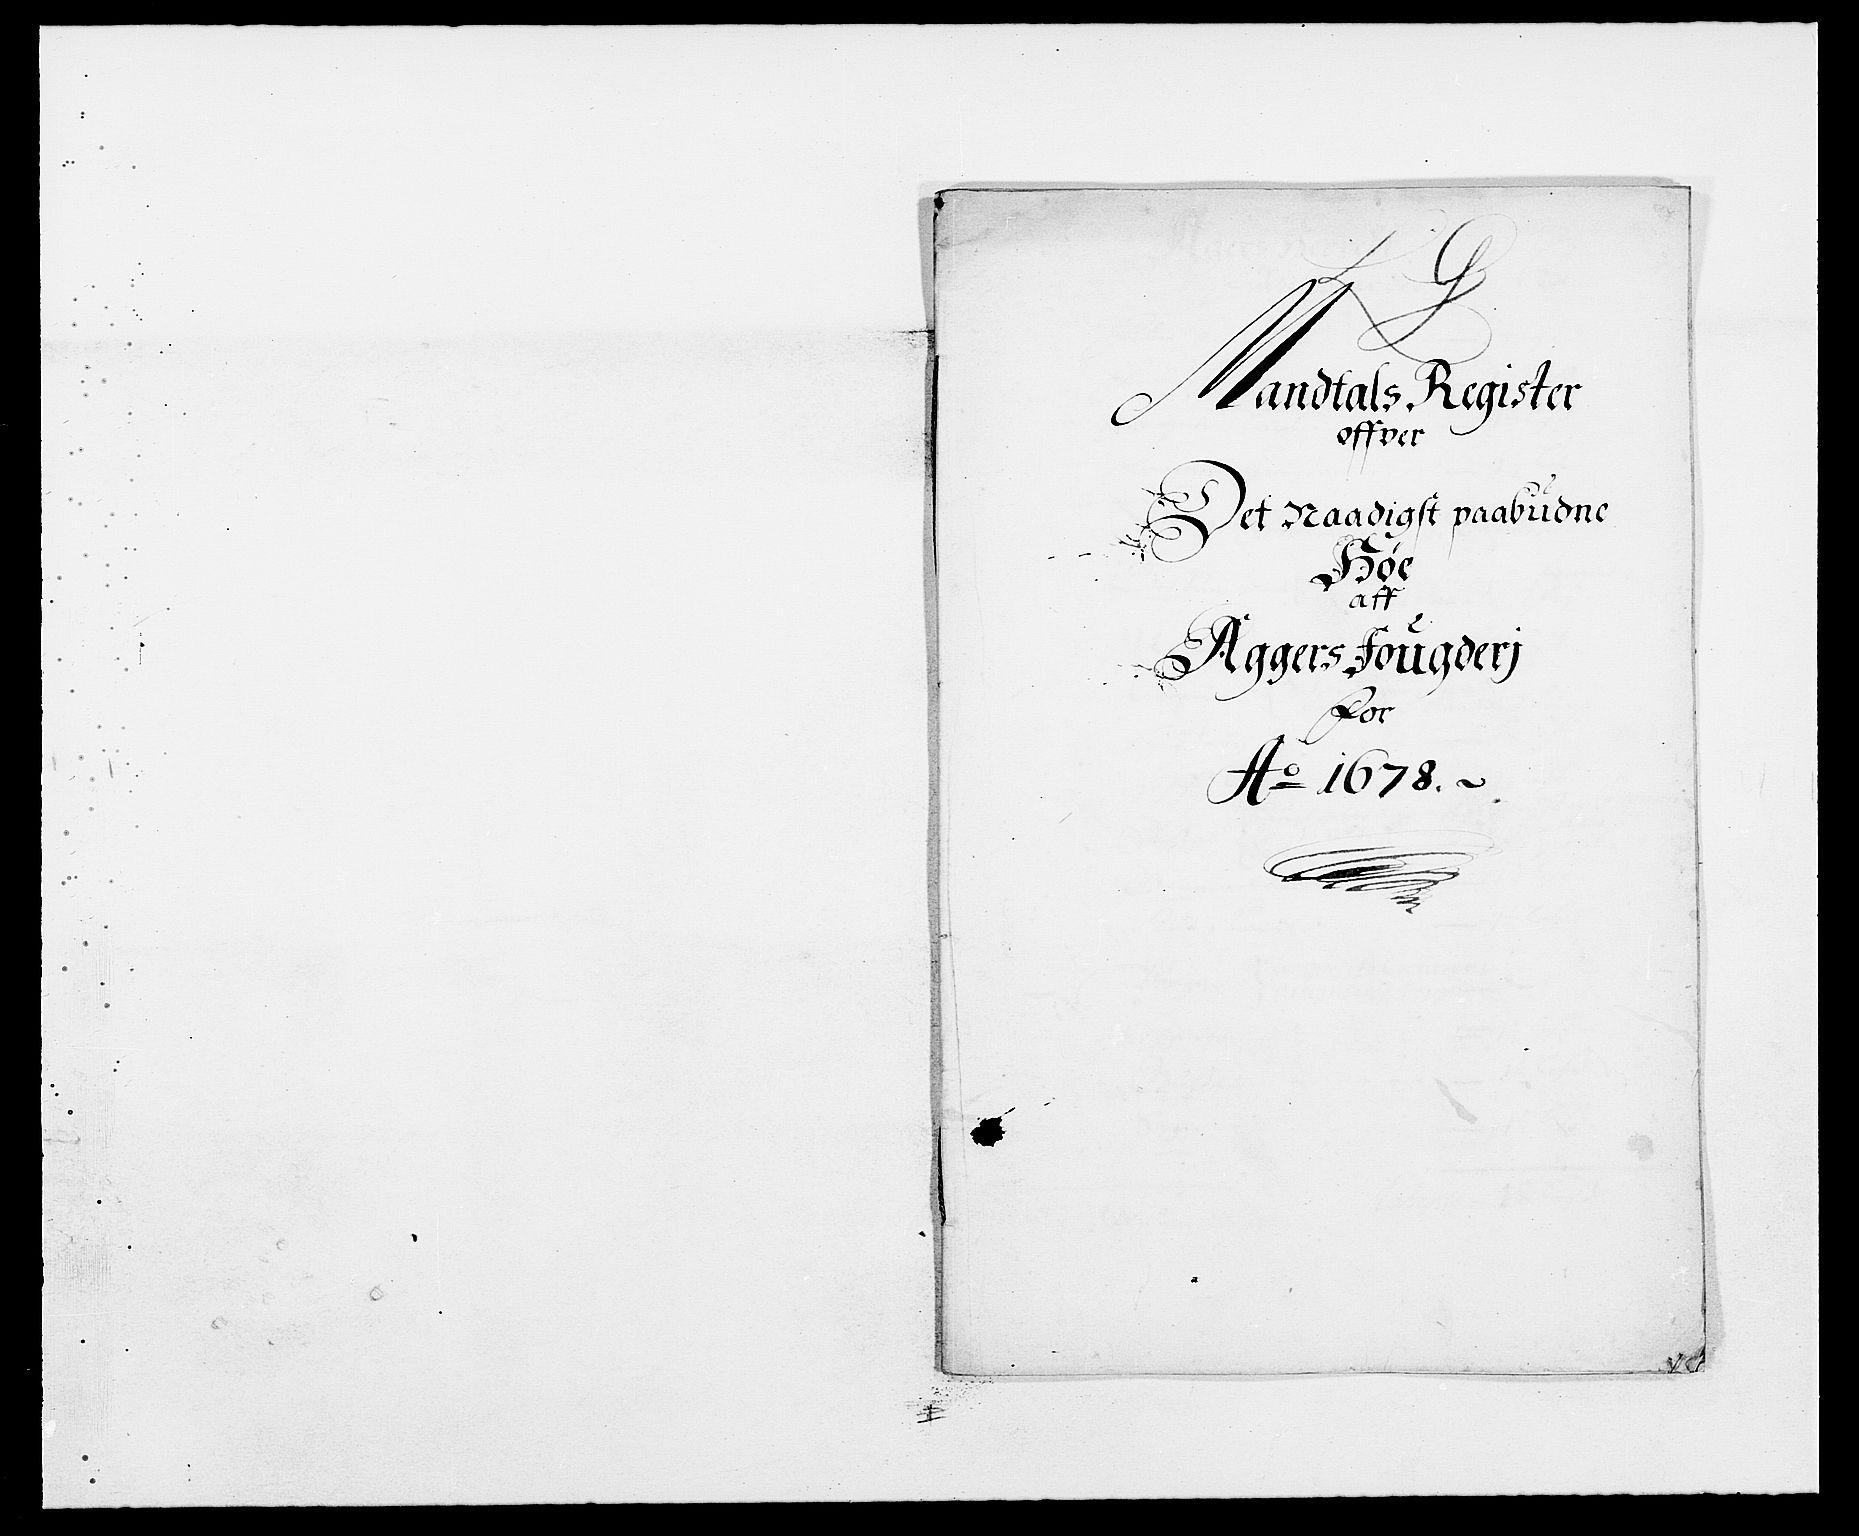 RA, Rentekammeret inntil 1814, Reviderte regnskaper, Fogderegnskap, R08/L0416: Fogderegnskap Aker, 1678-1681, s. 285